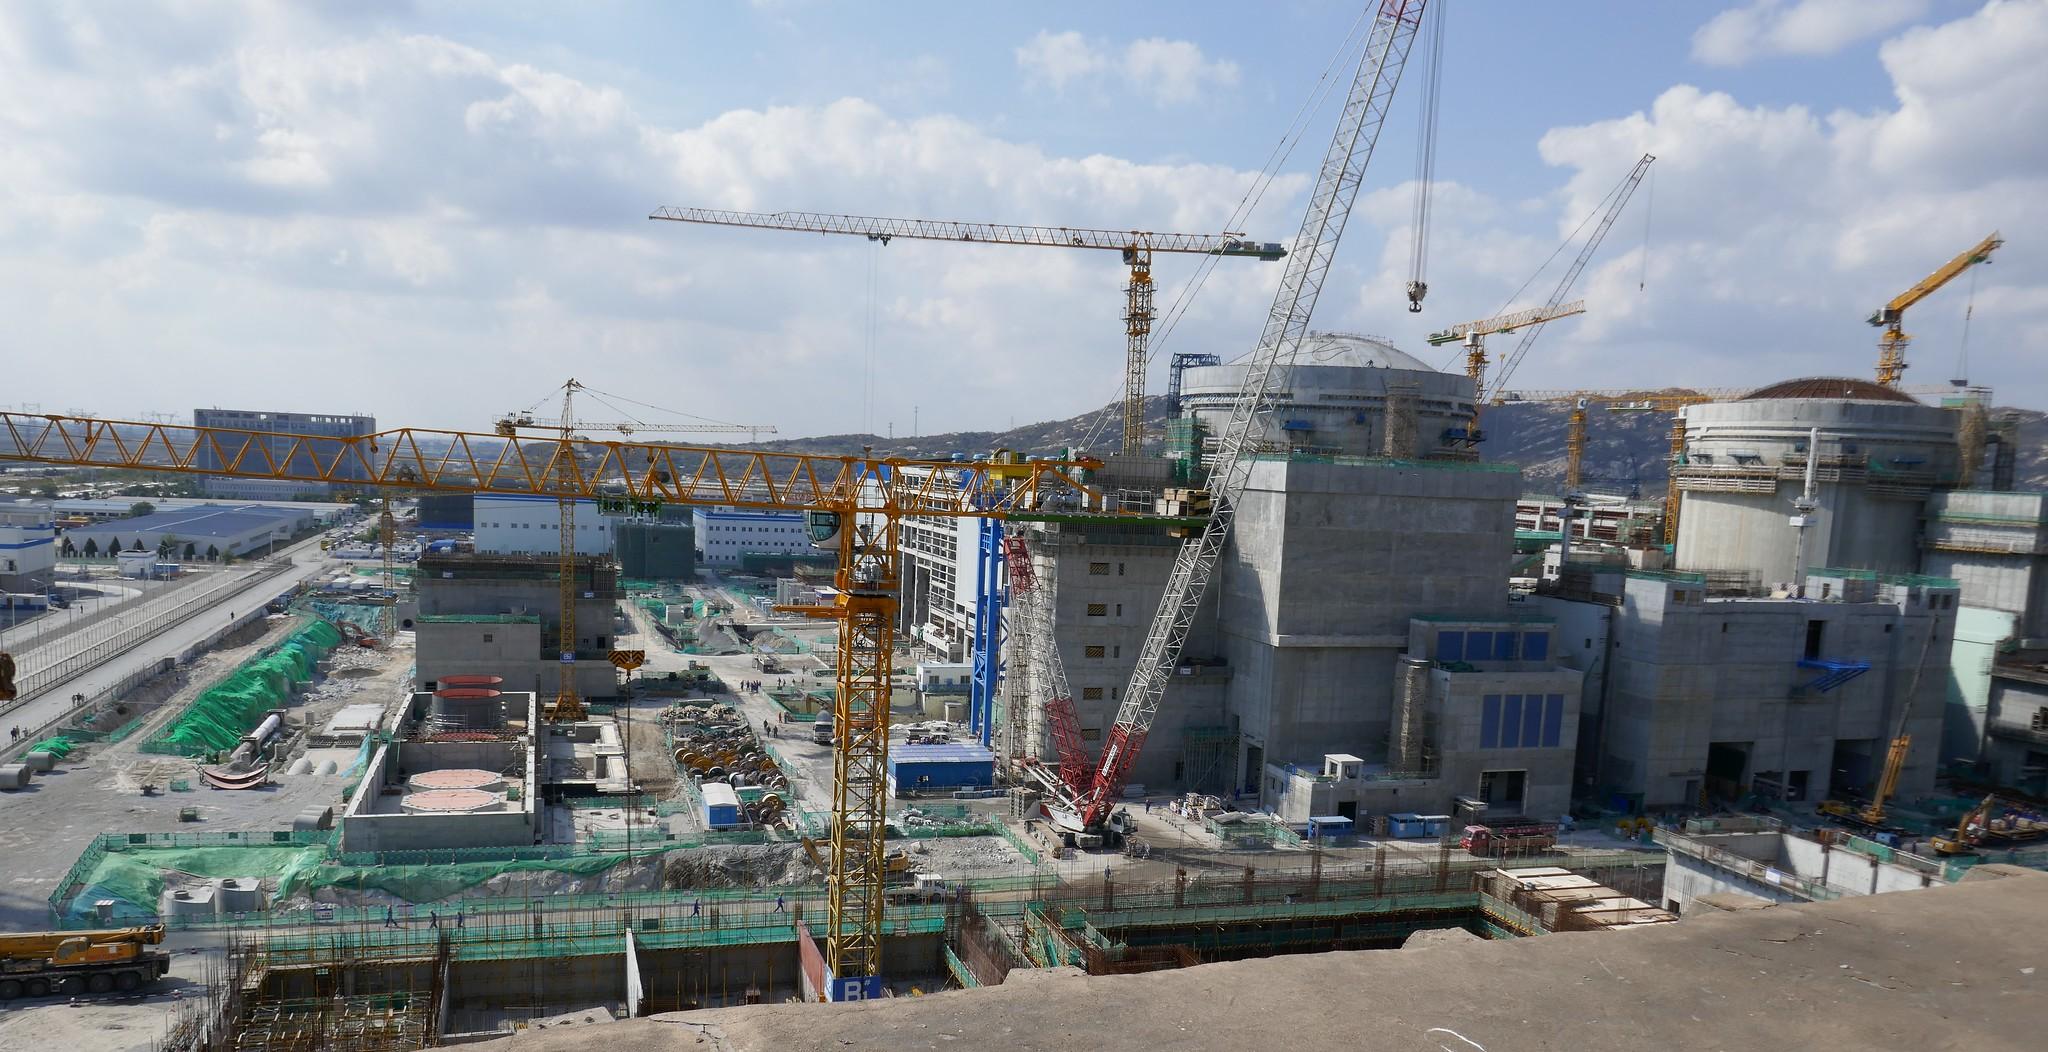 jaderná energie - Rosatom podepsal s Čínou kontrakt na výstavbu JE typu VVER v nové lokalitě - Nové bloky ve světě (Výstavba dvou bloků s ruskými technologiemi v JE Tchien) 2